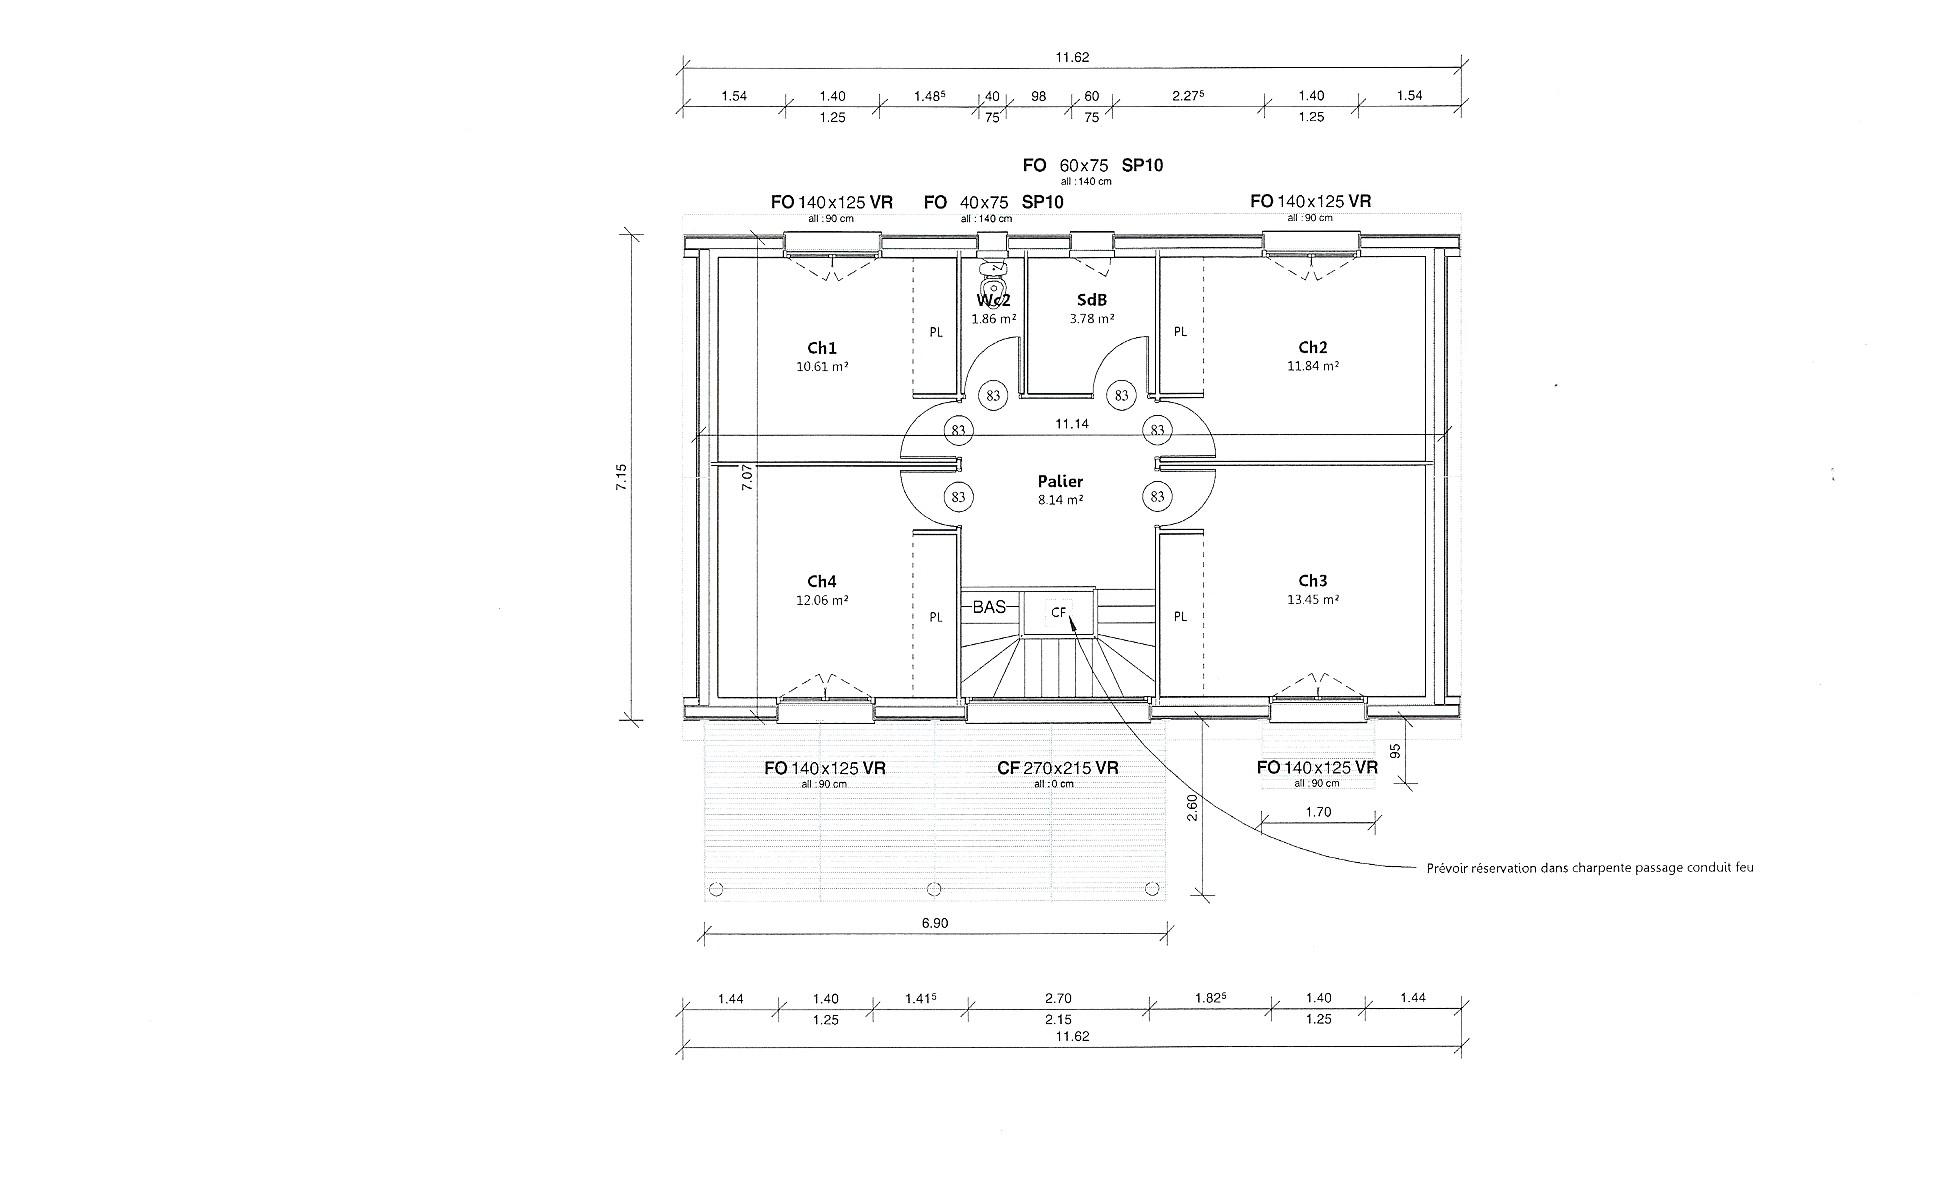 maison bois toulouse,construction bois haute garonne,constructeur maison bois midi pyrenees,maison ossature bois midi pyrenees